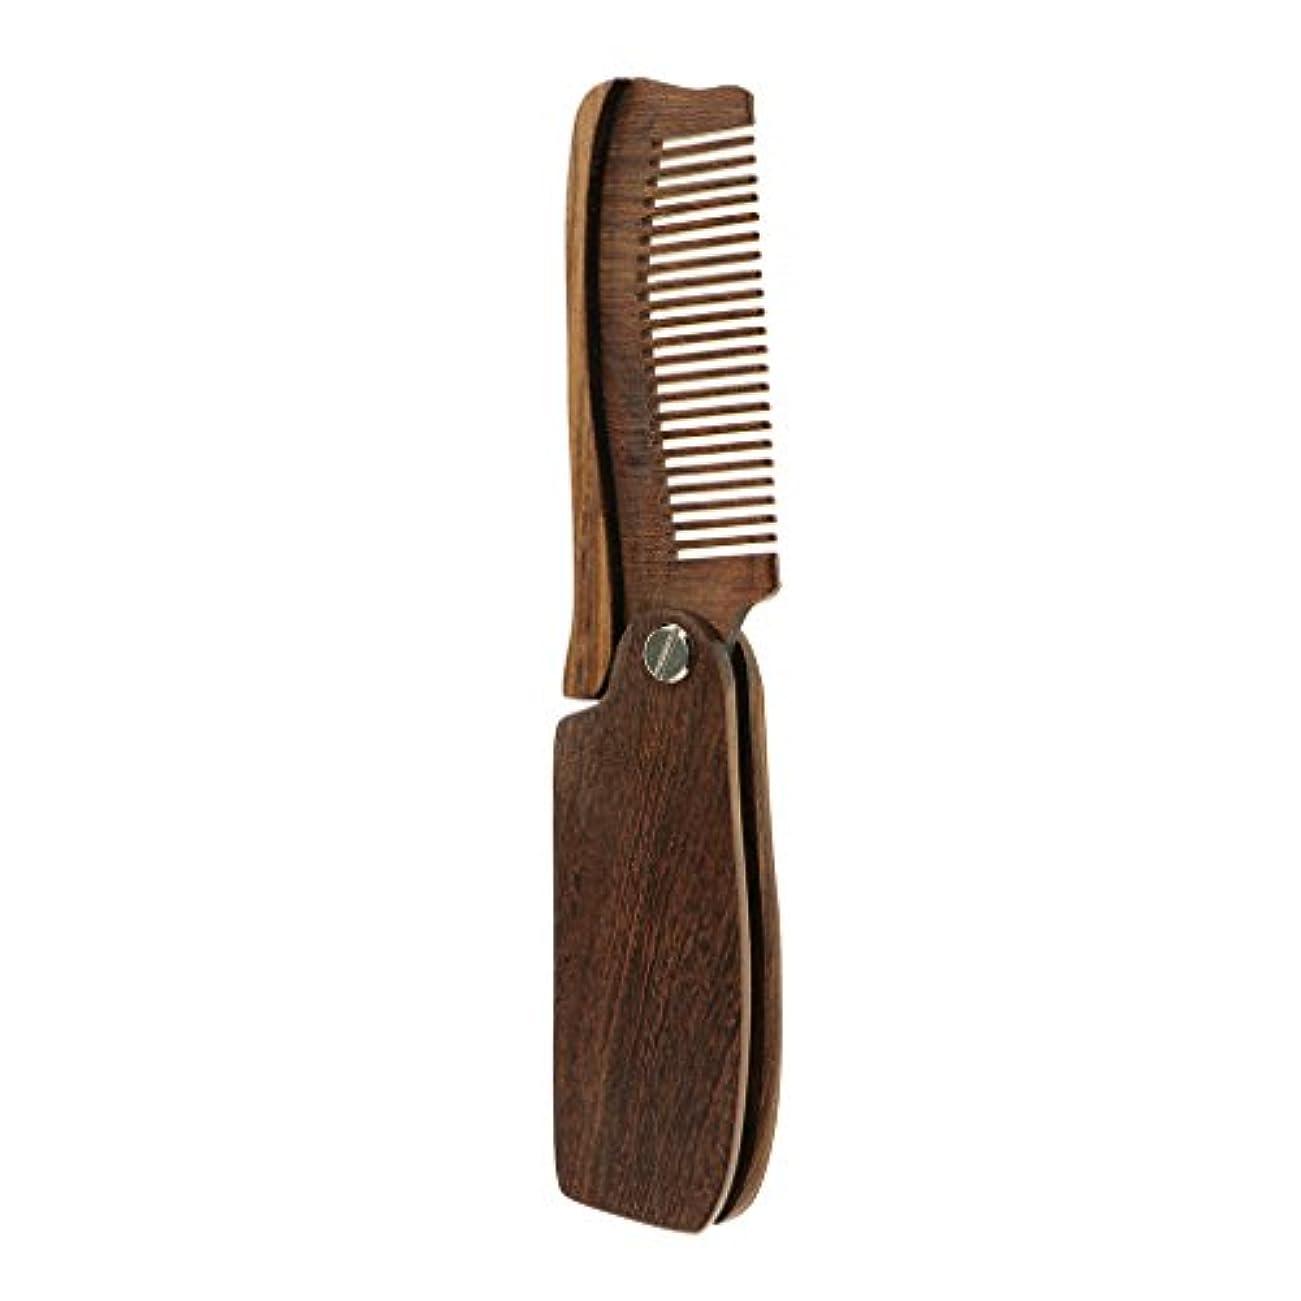 スライム割り当てるチェリービアードコーム 男性 サンダルウッド ポータブル ポケット 折りたたみ ひげ 髭 ヘアコーム 静電気